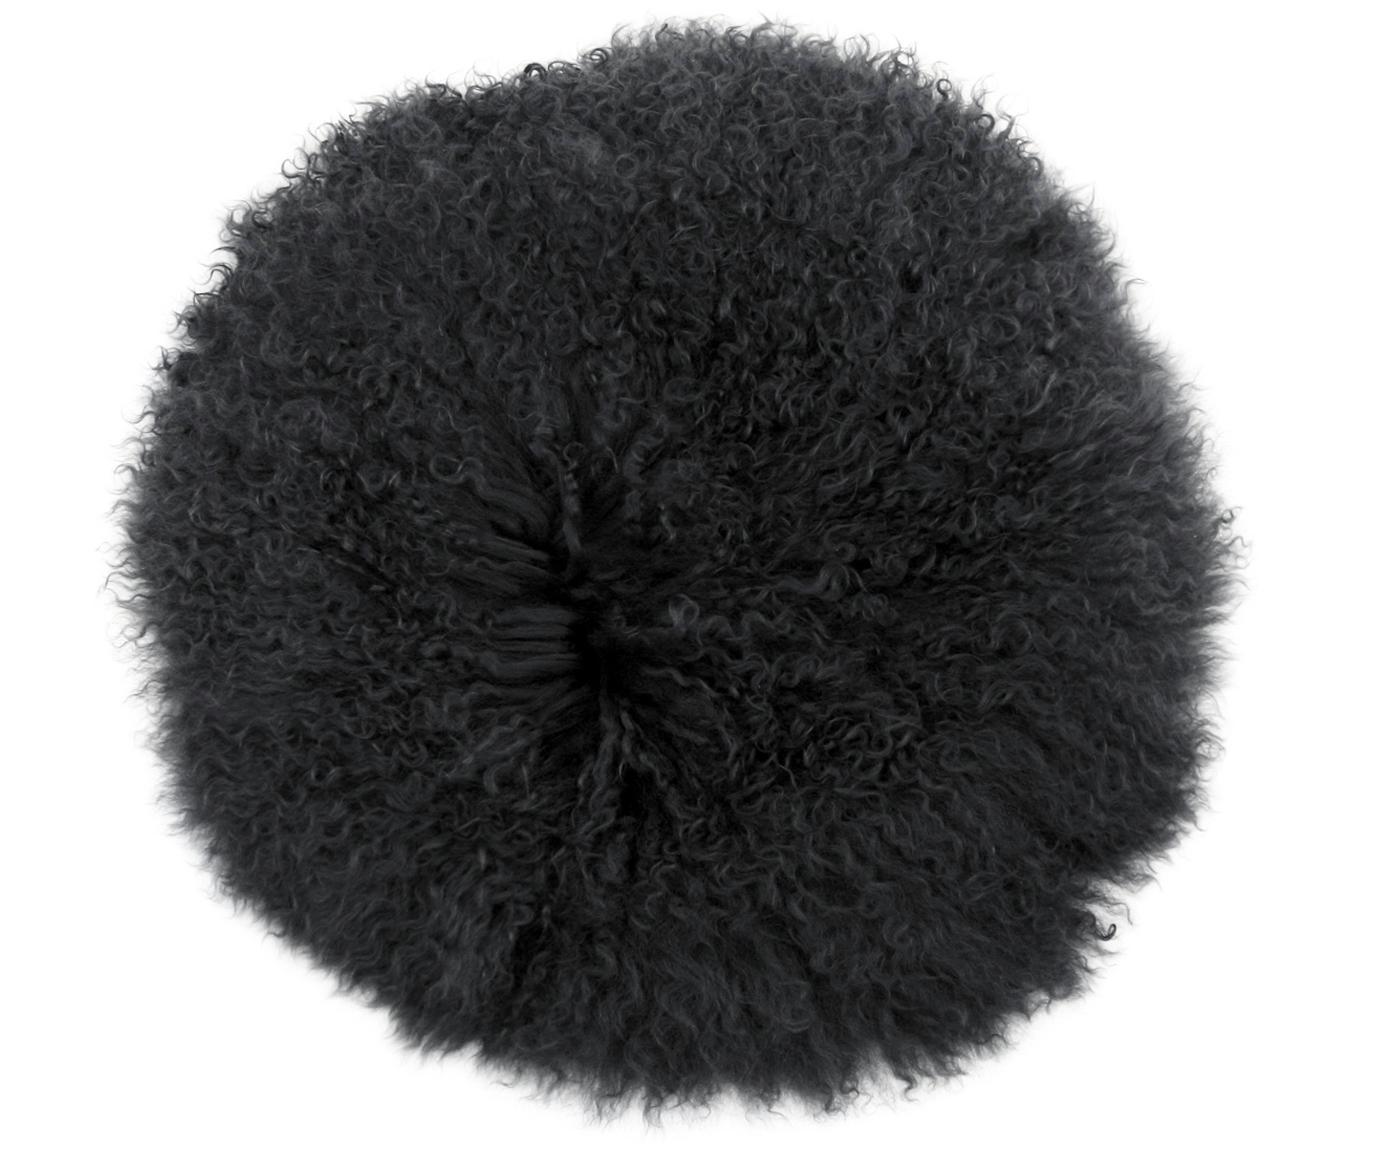 Runde Langhaar-Lammfell Sitzauflage Ella, gelockt, Vorderseite: 100% mongolisches Lammfel, Rückseite: 100% Polyester, Dunkelgrau, Ø 37 cm